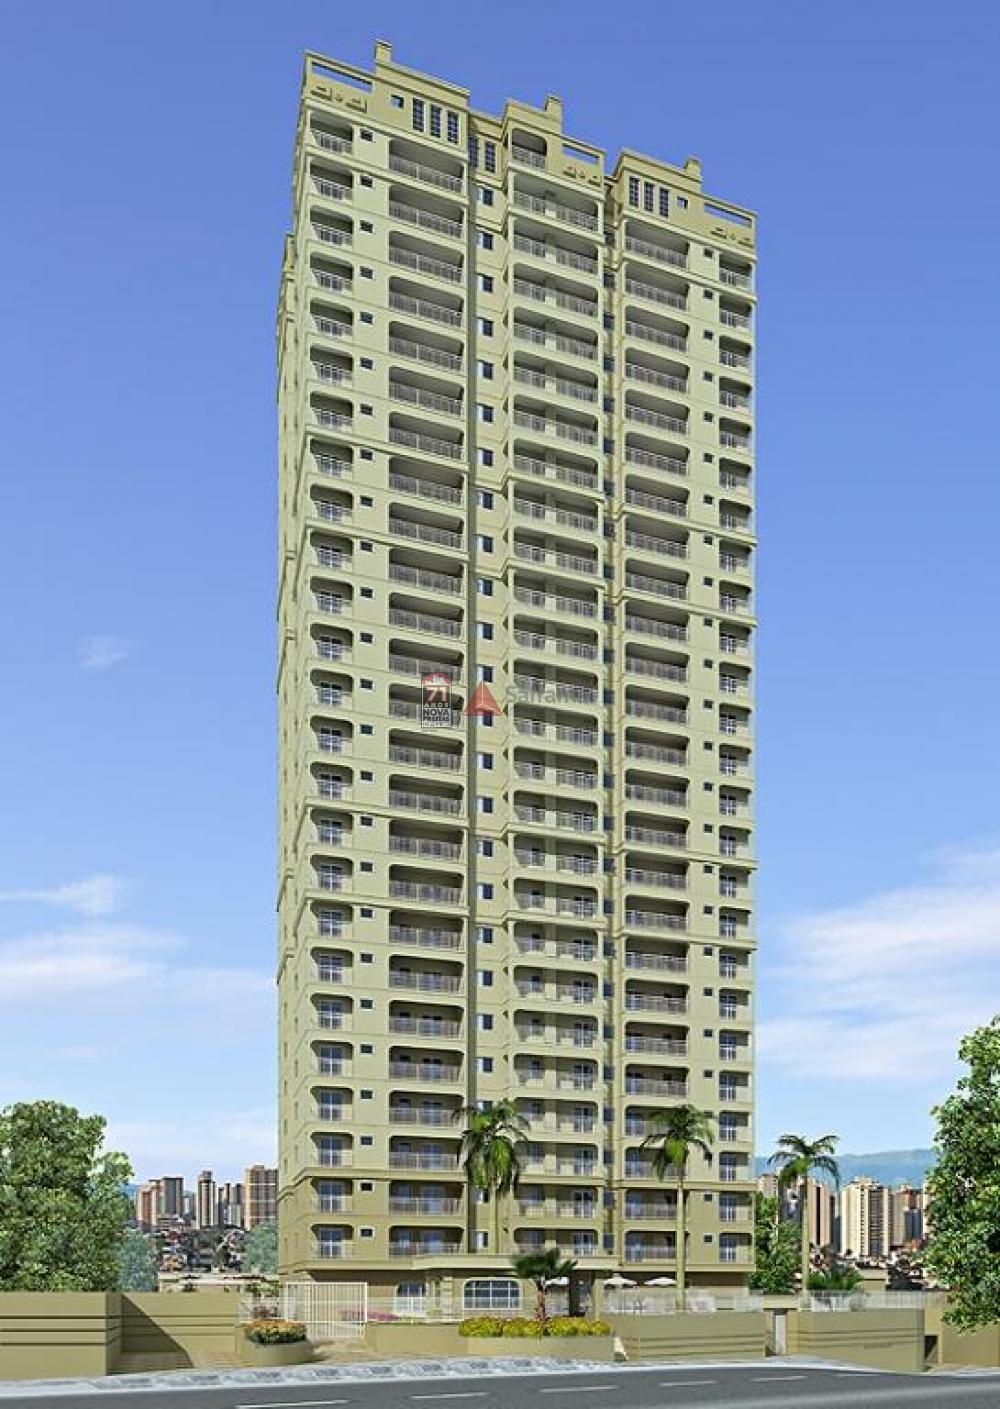 Comprar Apartamento / Padrão em São José dos Campos apenas R$ 484.000,00 - Foto 1